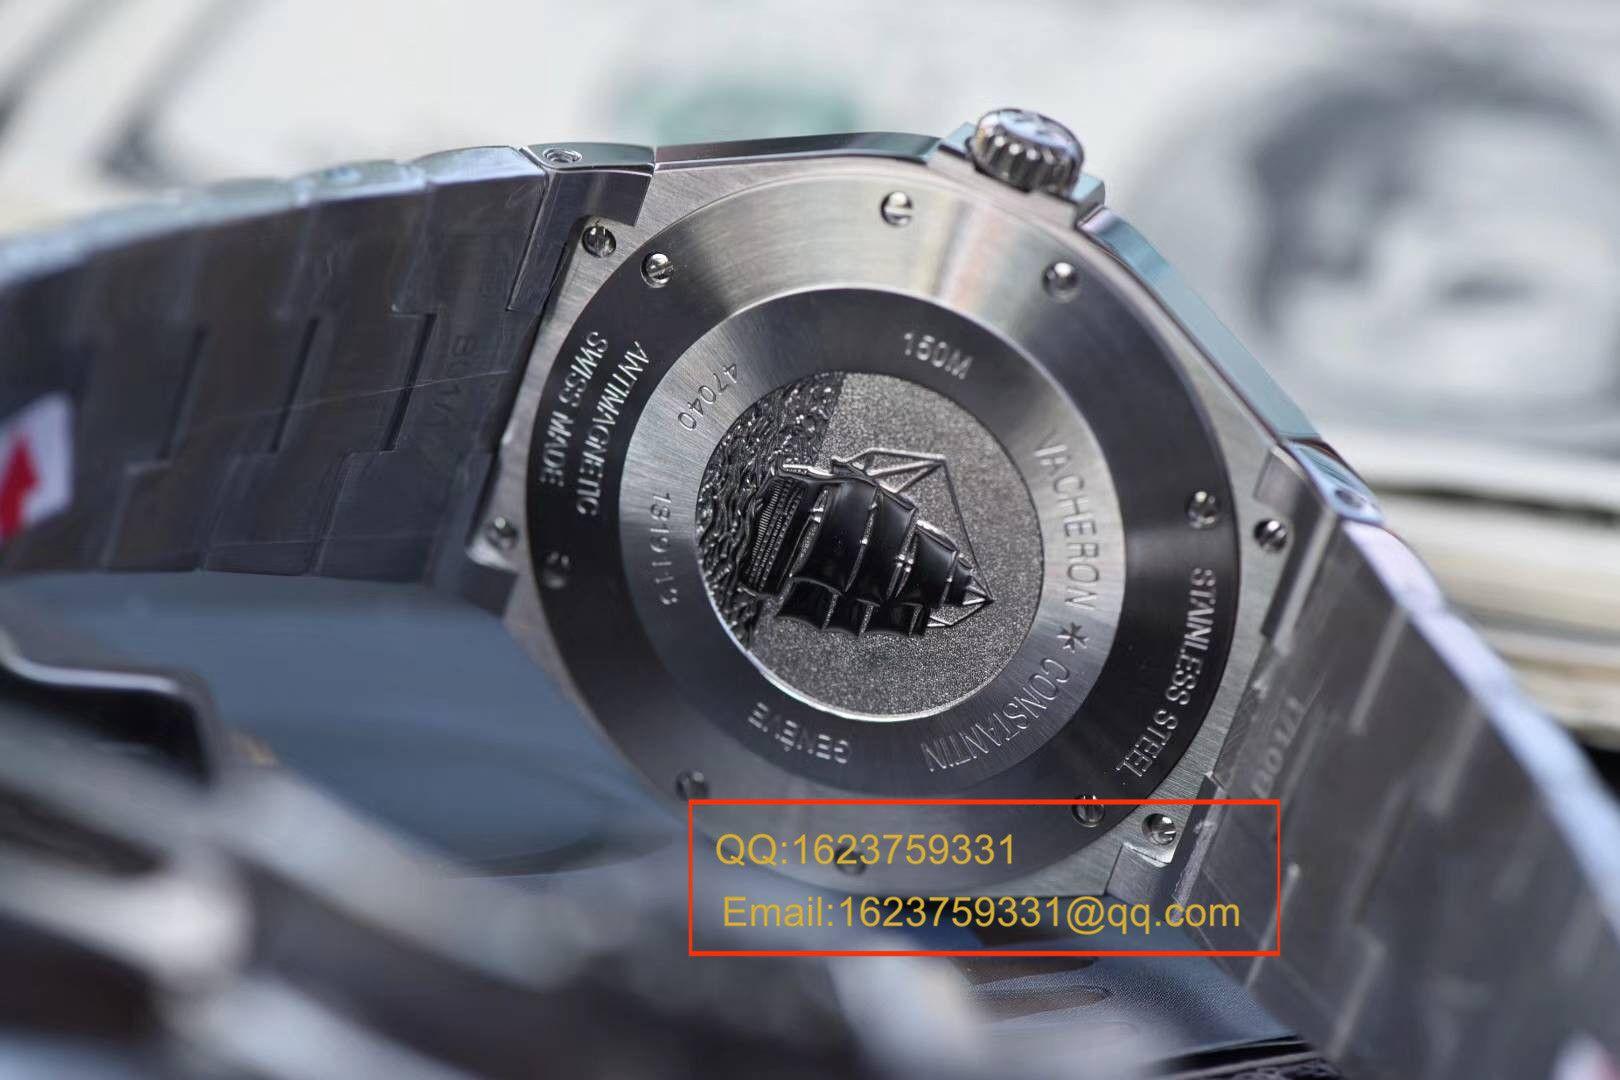 【独家视频评测JJ一比一超A精仿手表】江诗丹顿纵横四海系列47040/B01A-9094腕表